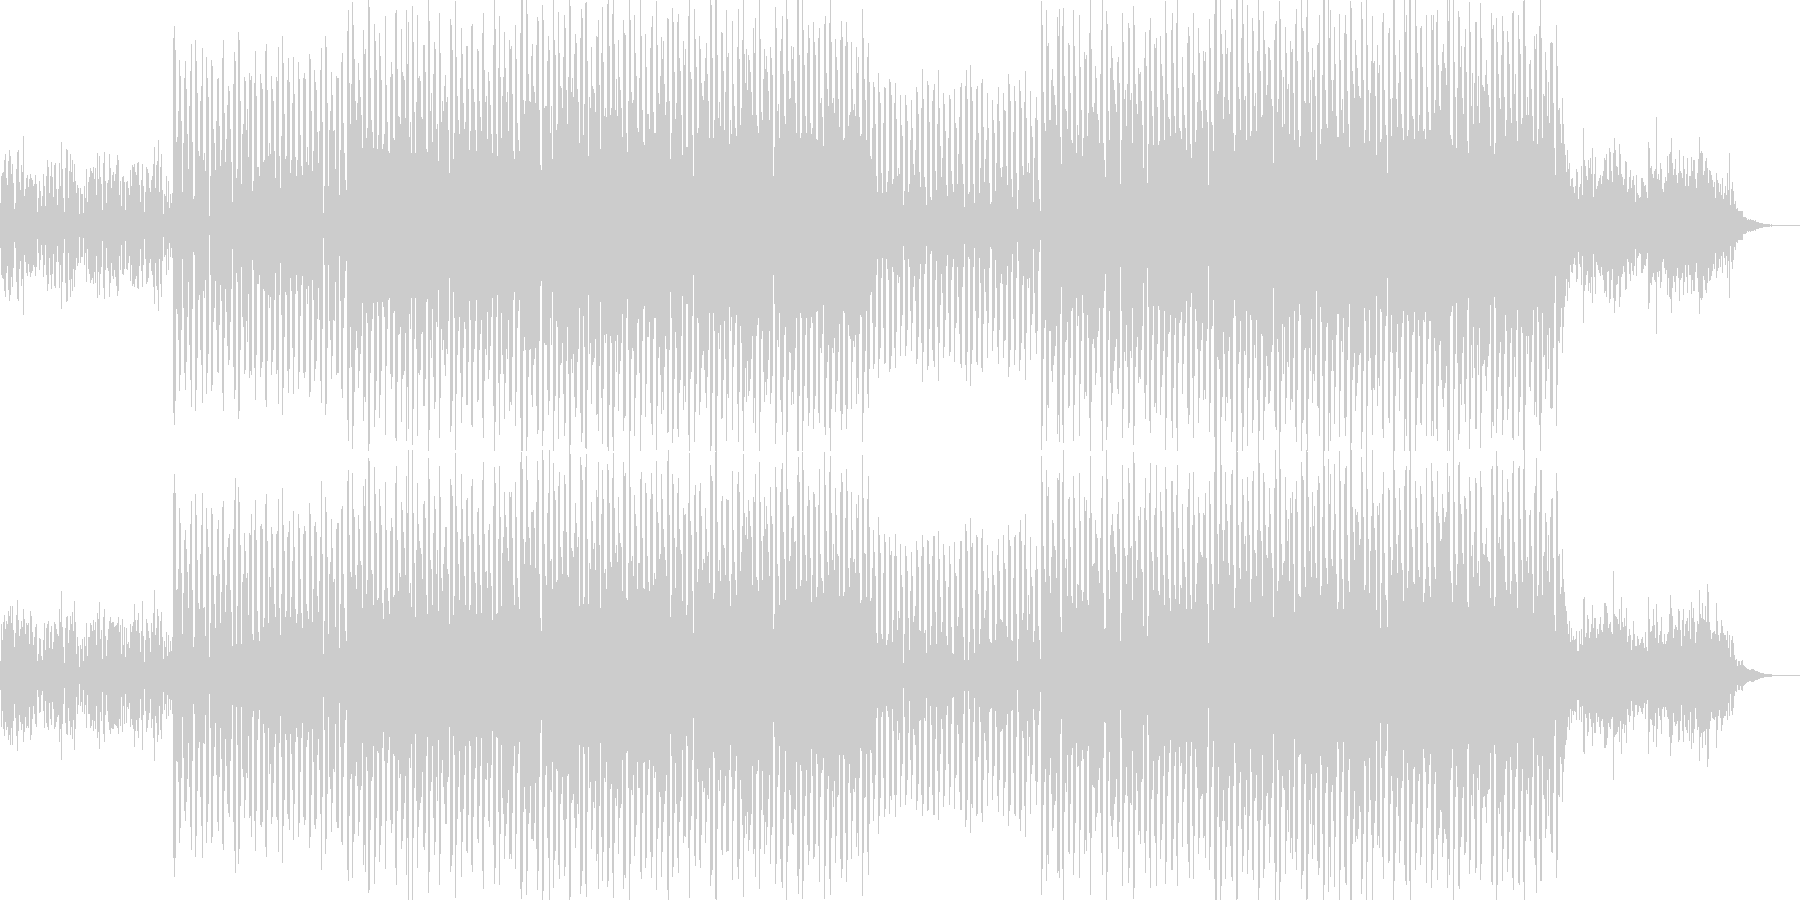 ニュース映像ナレーションバック向け-16の未再生の波形